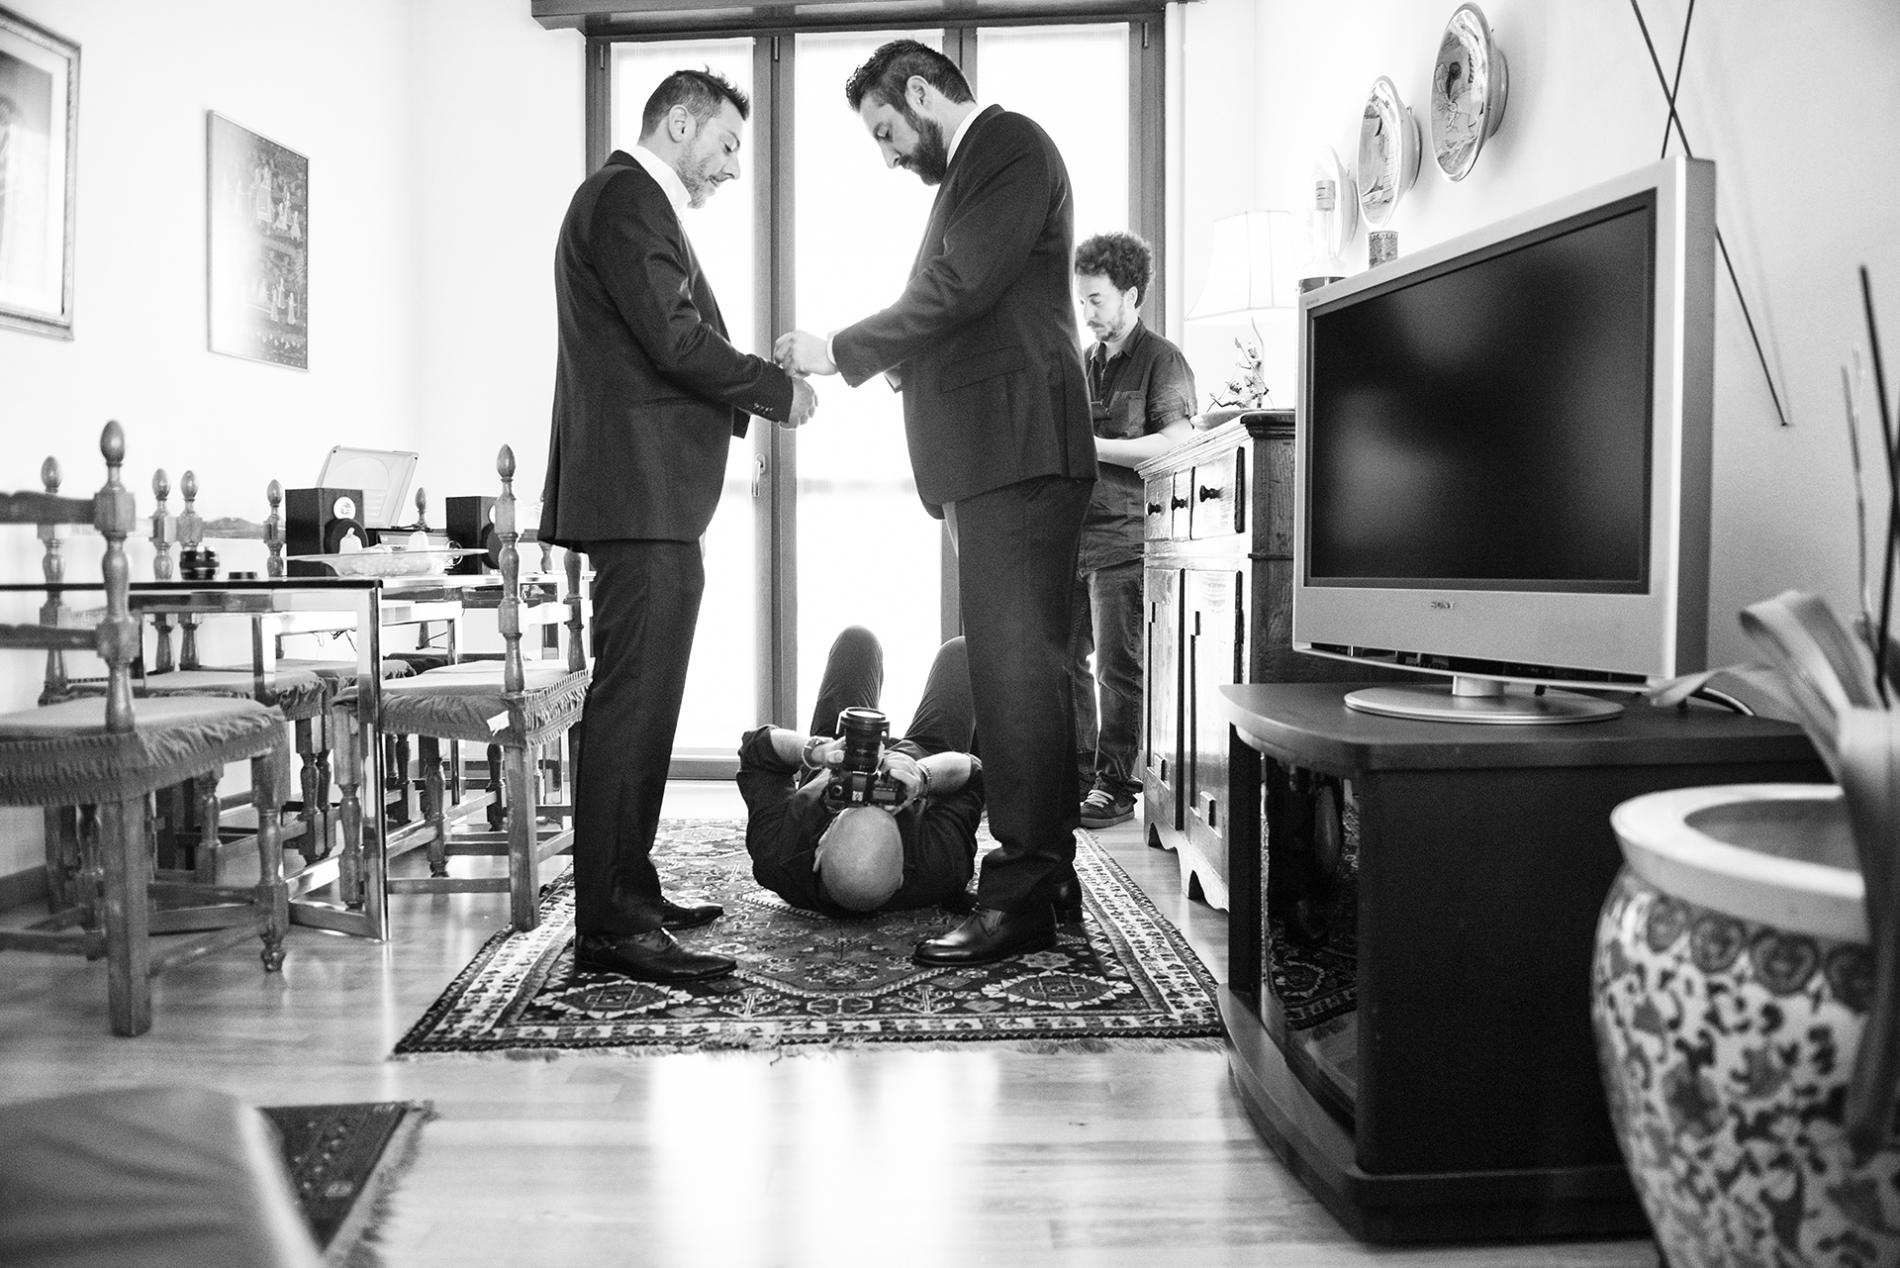 Milano Milano, fotógrafo de bodas trabajando desde un ángulo de cámara.